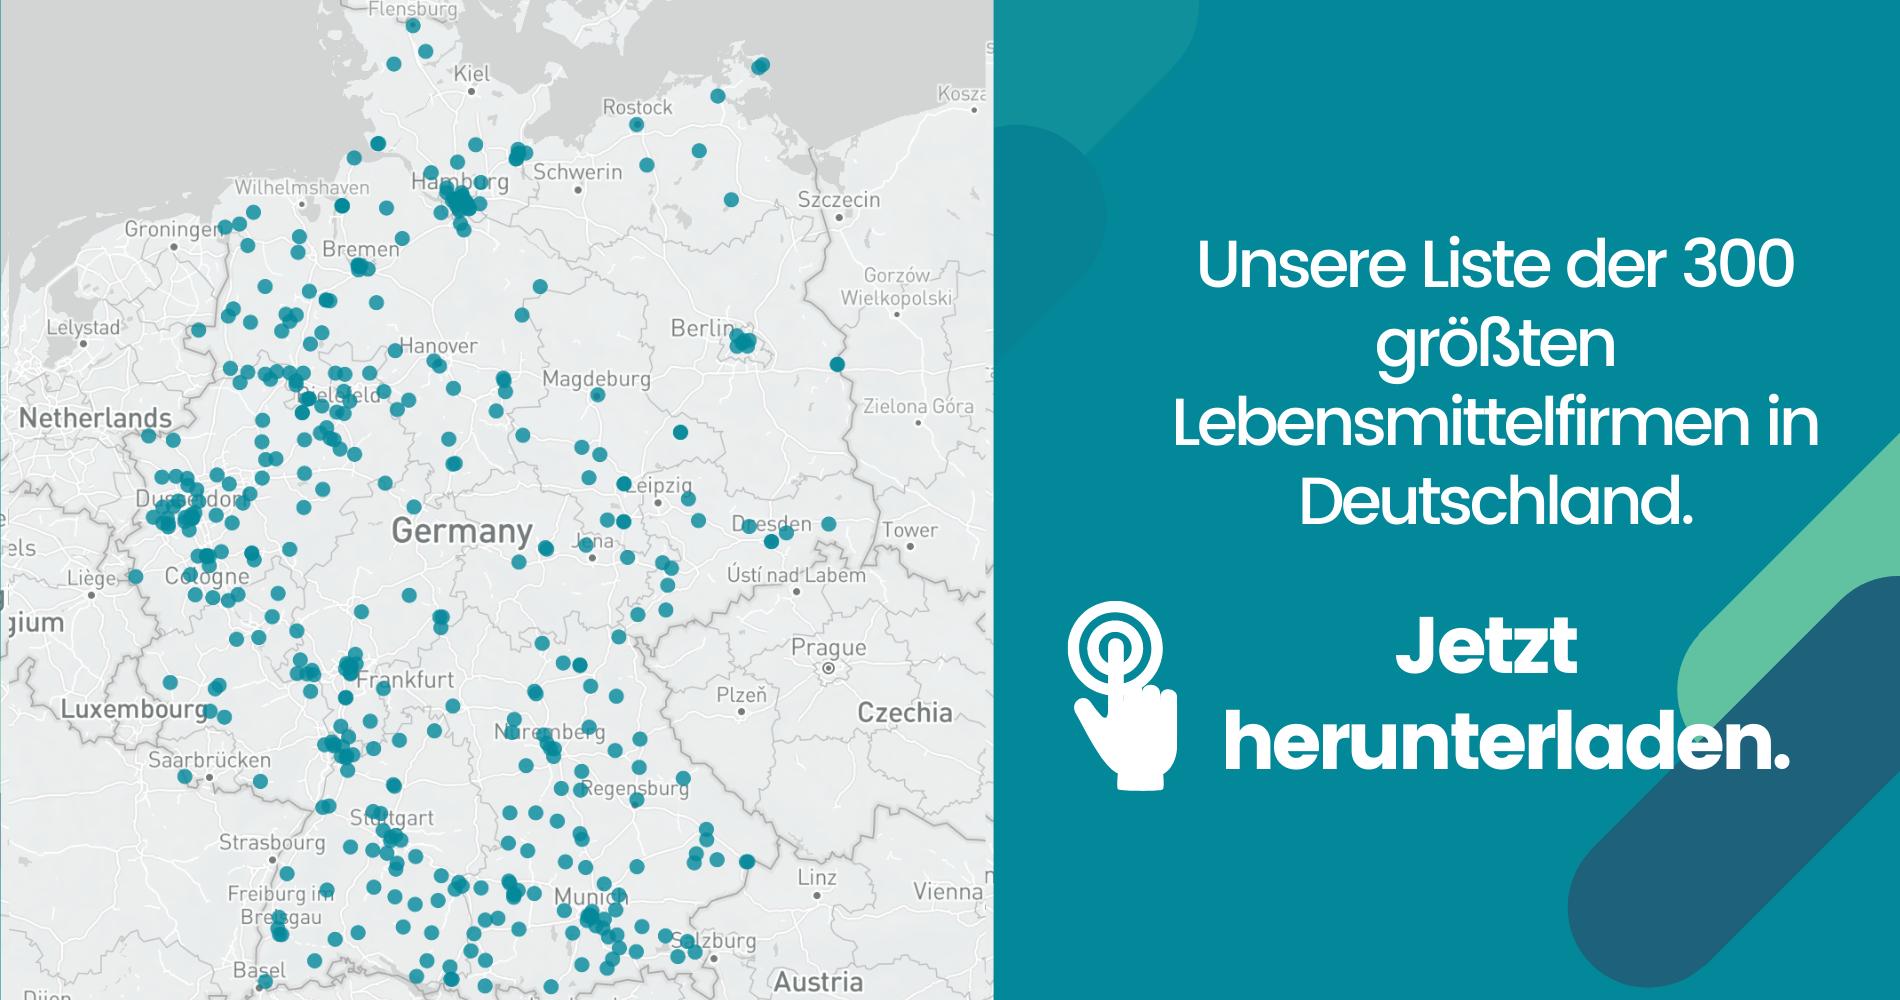 Rücker GmbH: Umsatzentwicklung seit 2015